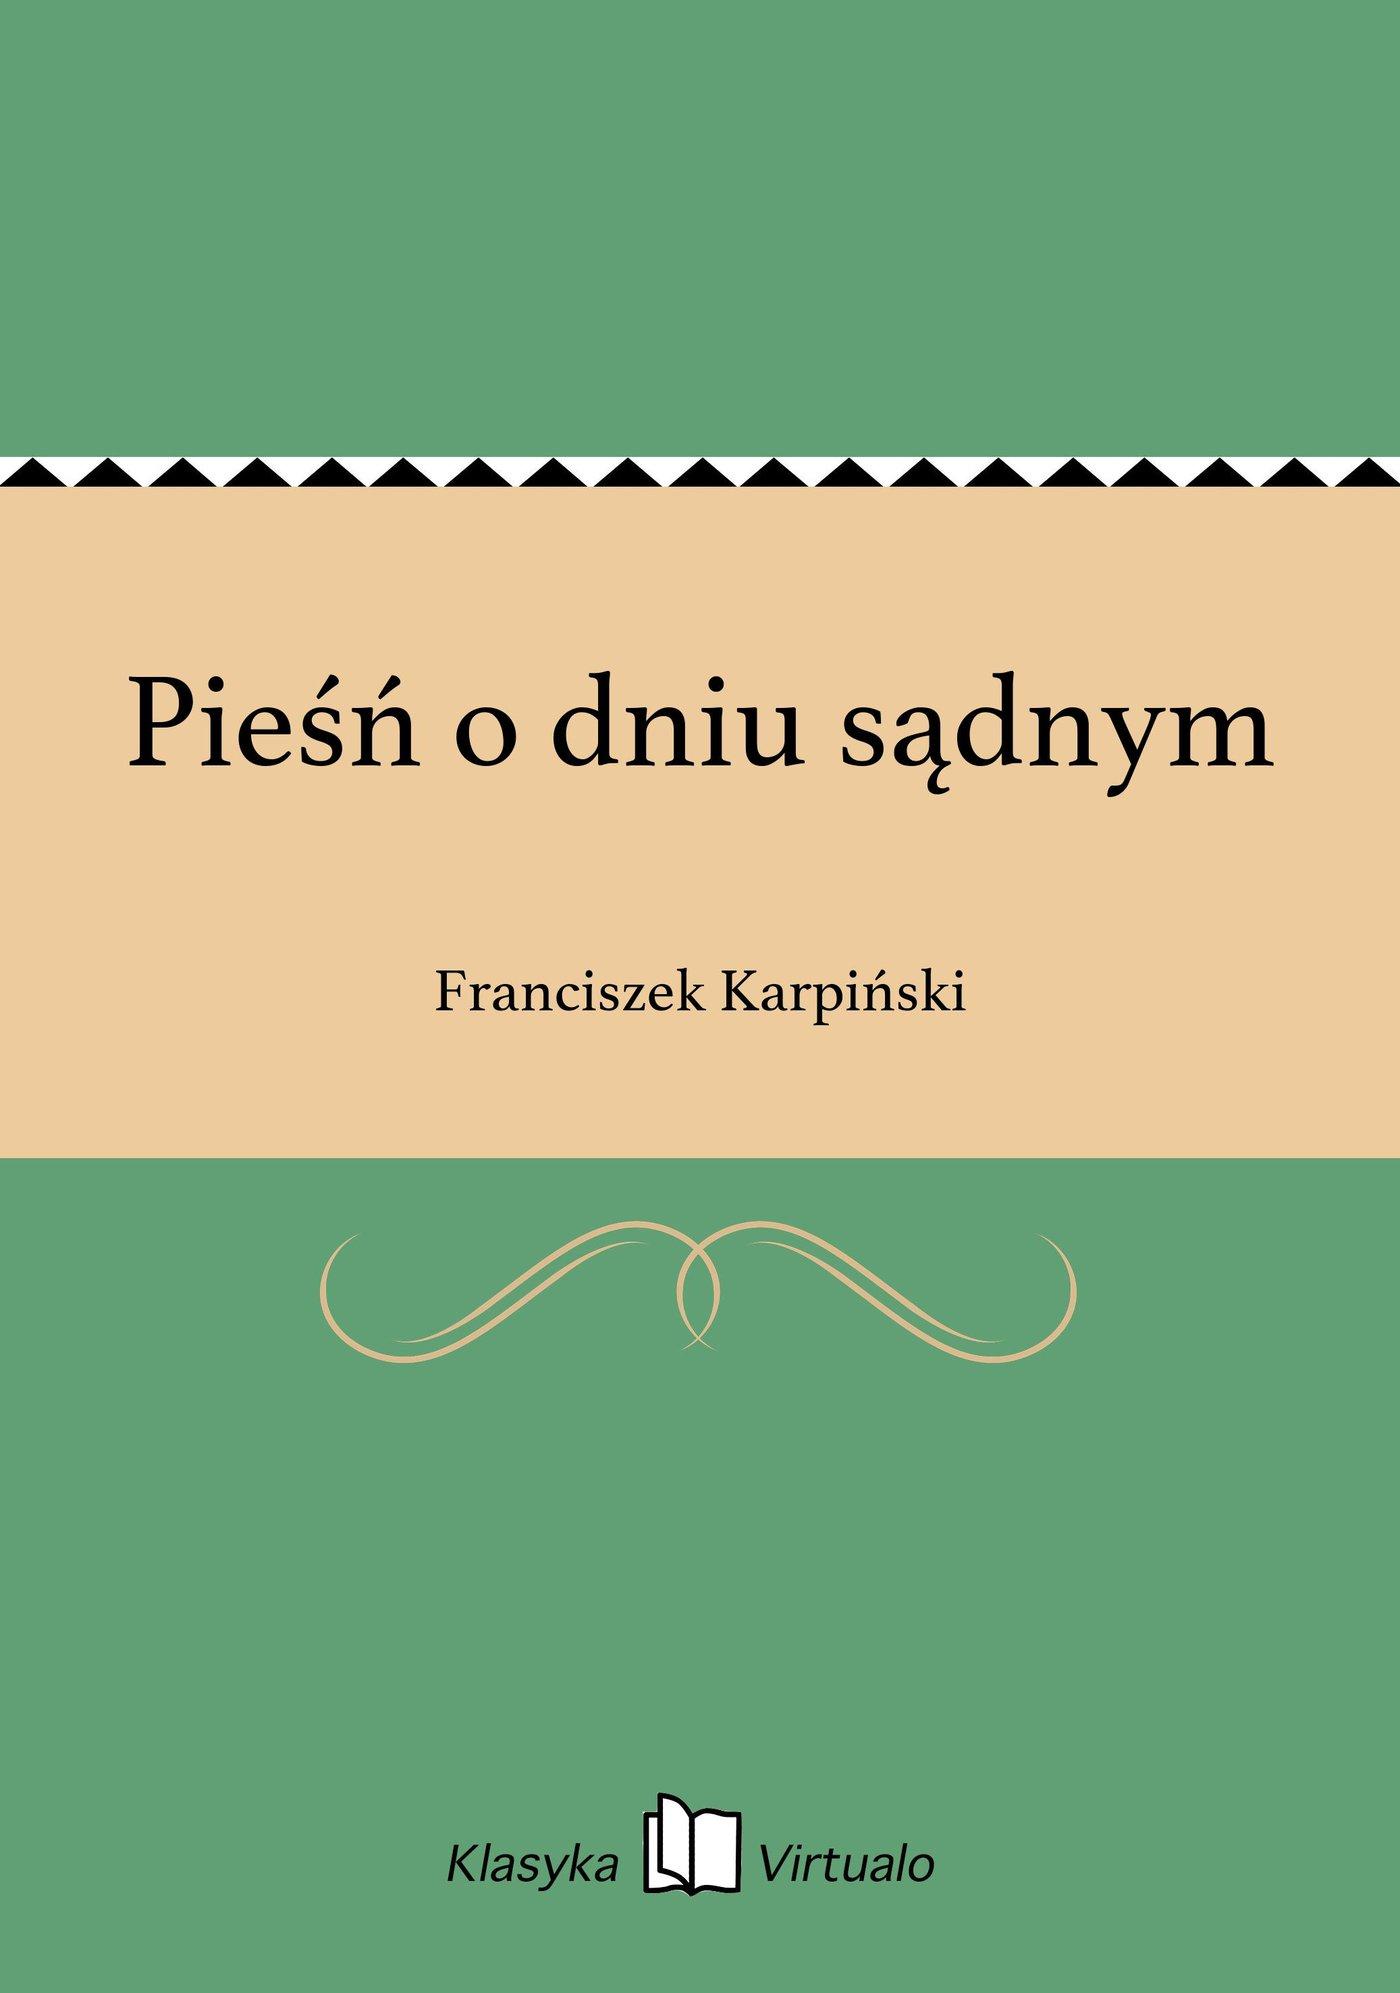 Pieśń o dniu sądnym - Ebook (Książka na Kindle) do pobrania w formacie MOBI